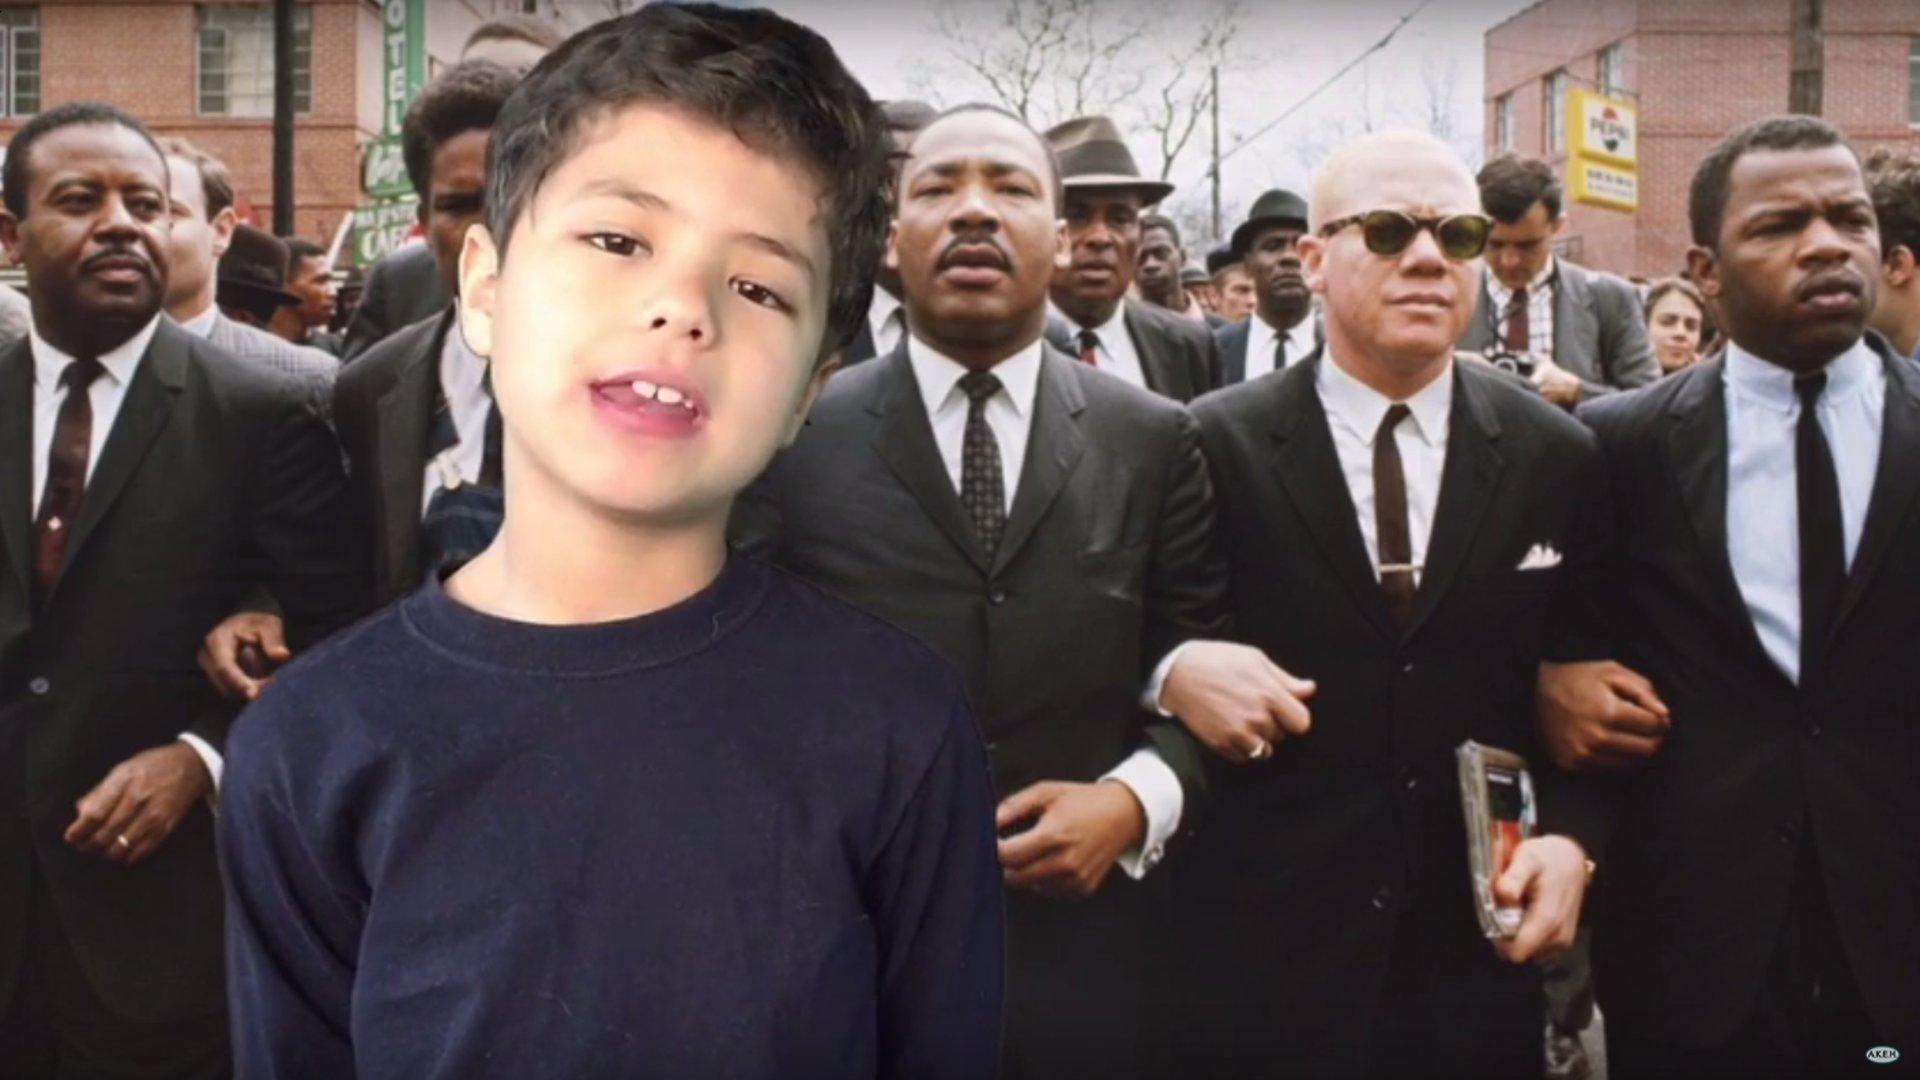 Zu Ehren von Martin Luther King: Zehnjähriger Junge erklärt Geschichte